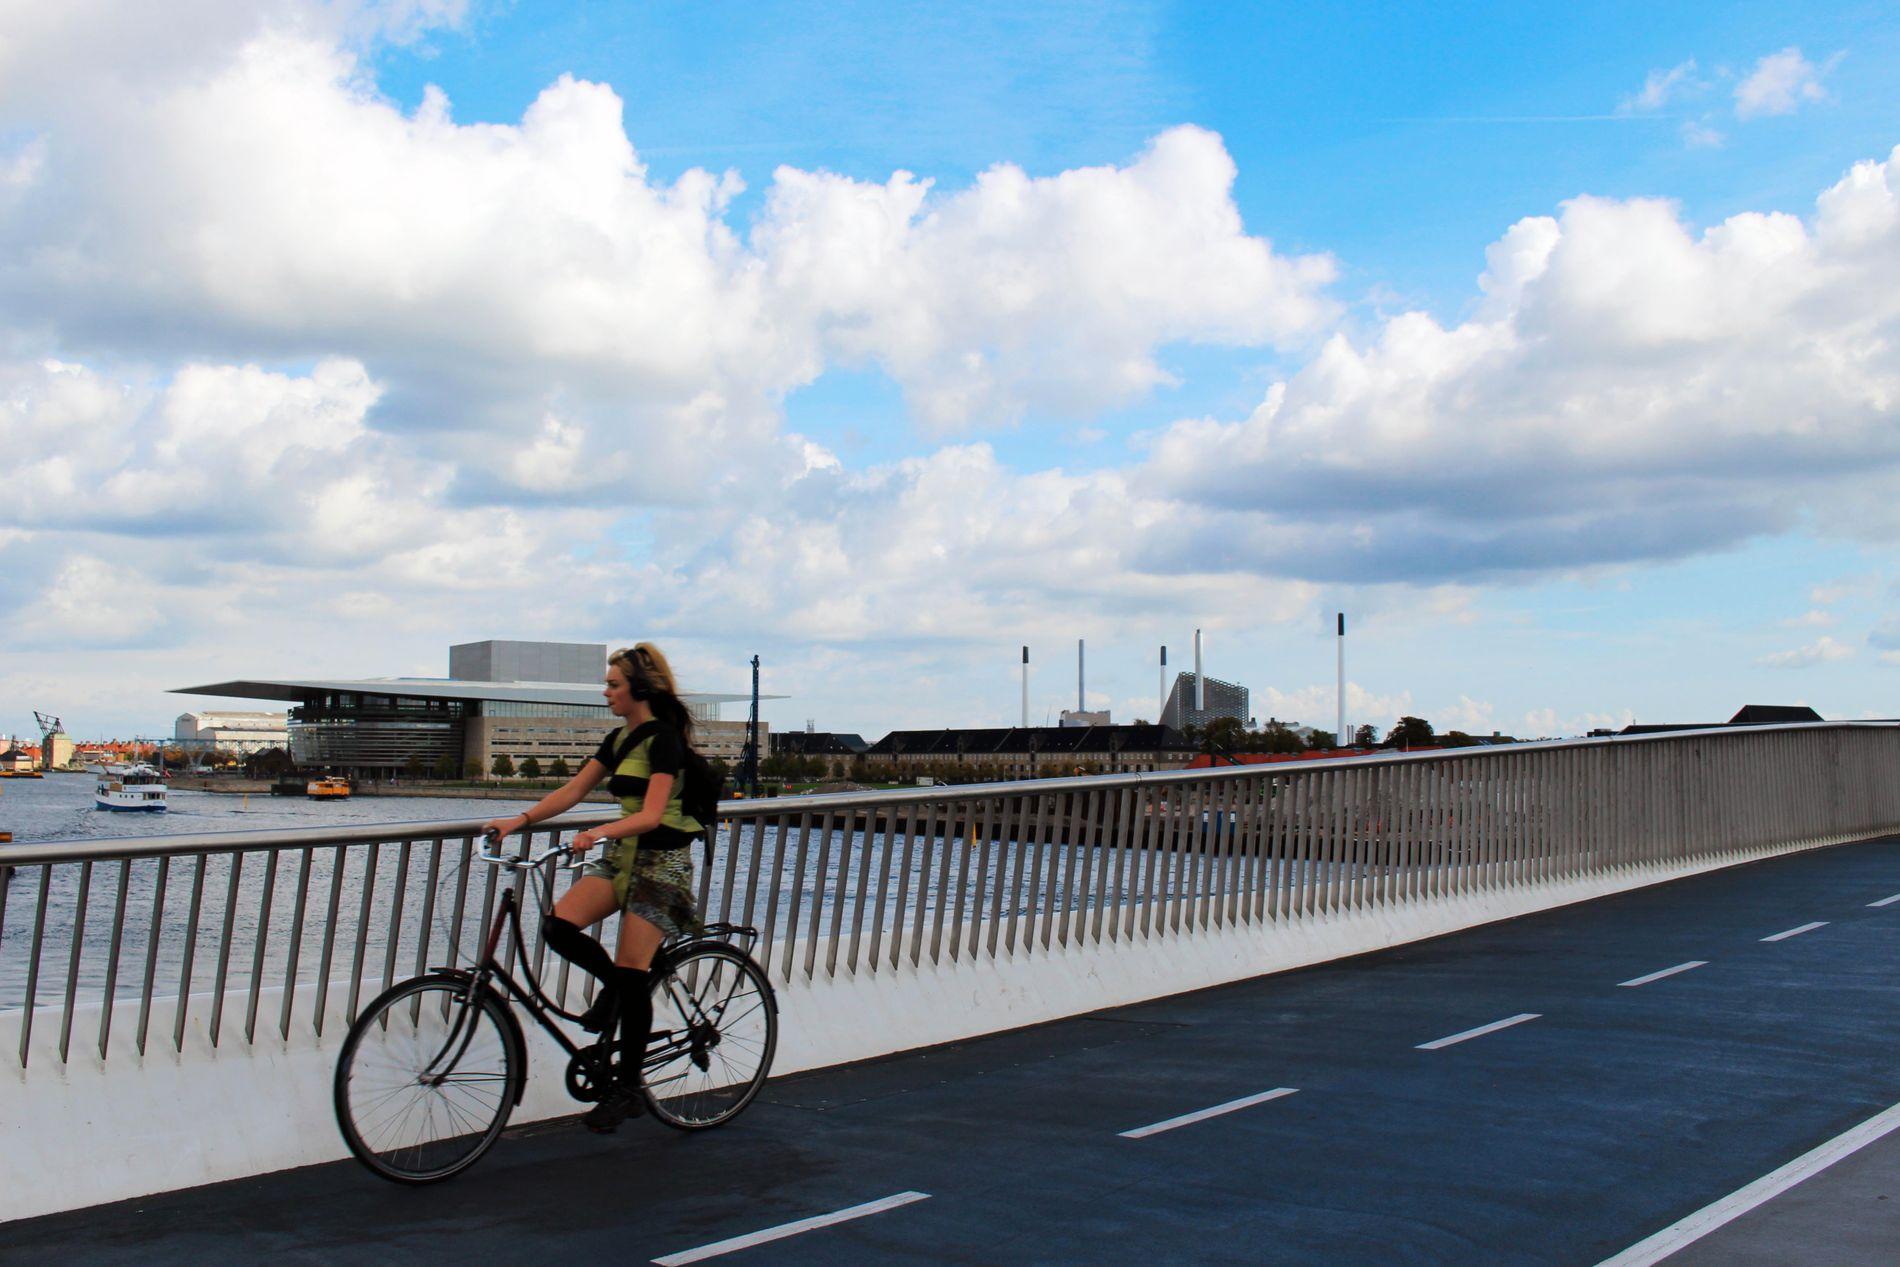 BYENS NYESTE BRO: Inderhavnsbroen åpnet i 2016, etter mye klabb og babb med arbeidet i forkant. Broen binder sammen Nyhavn og Christianshavn, og er for syklende og gående.